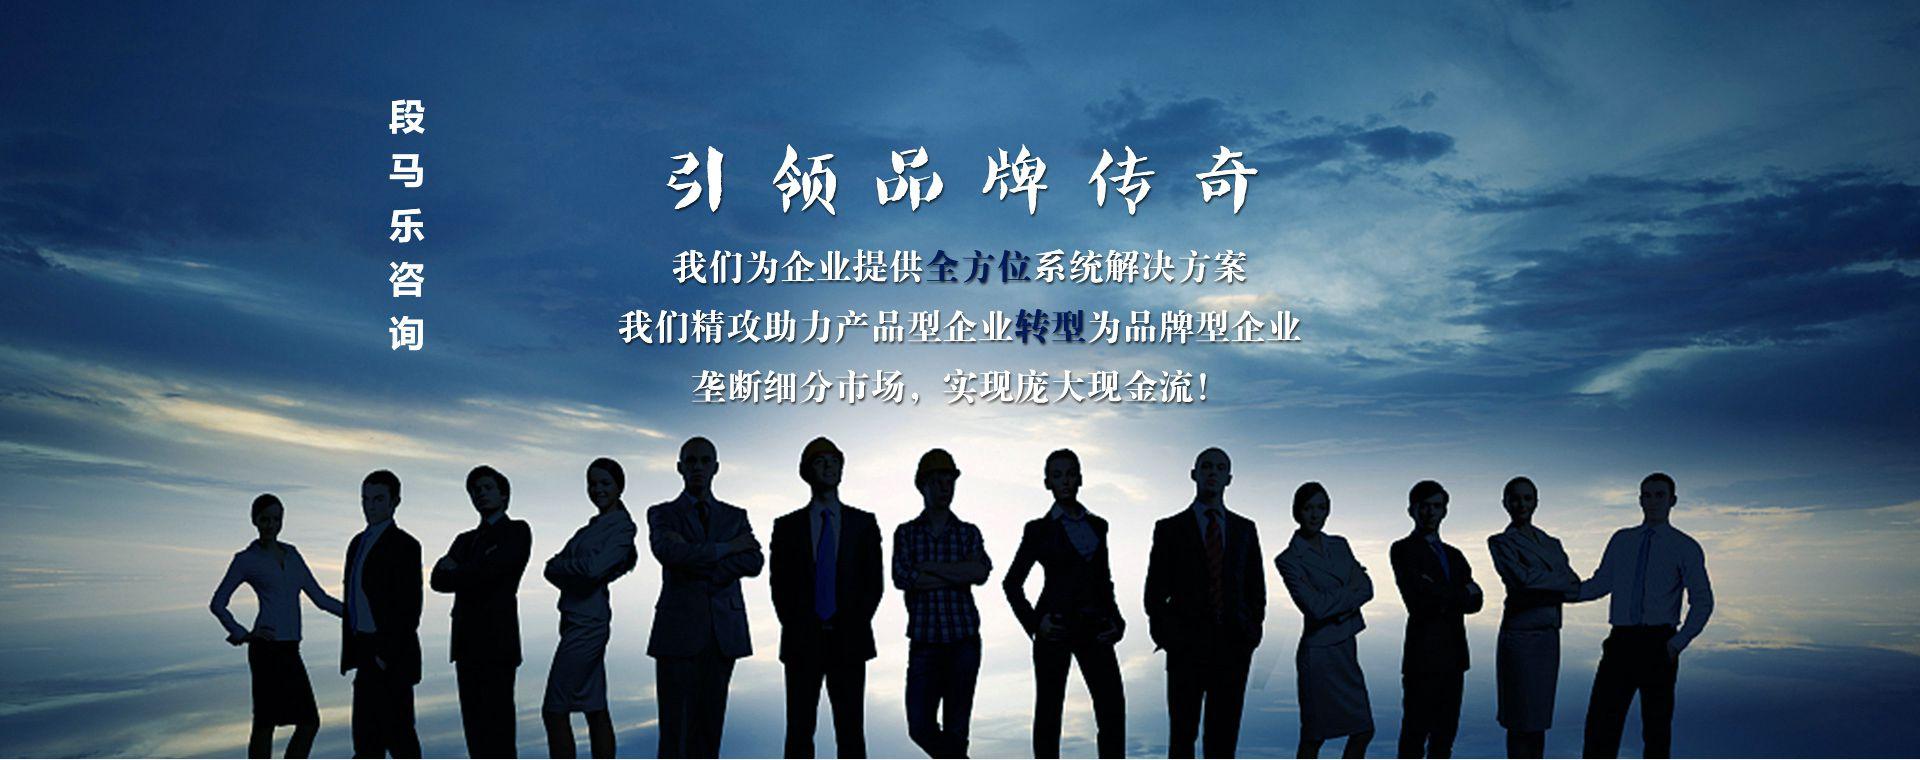 段龙8娱乐下载龙8国际app